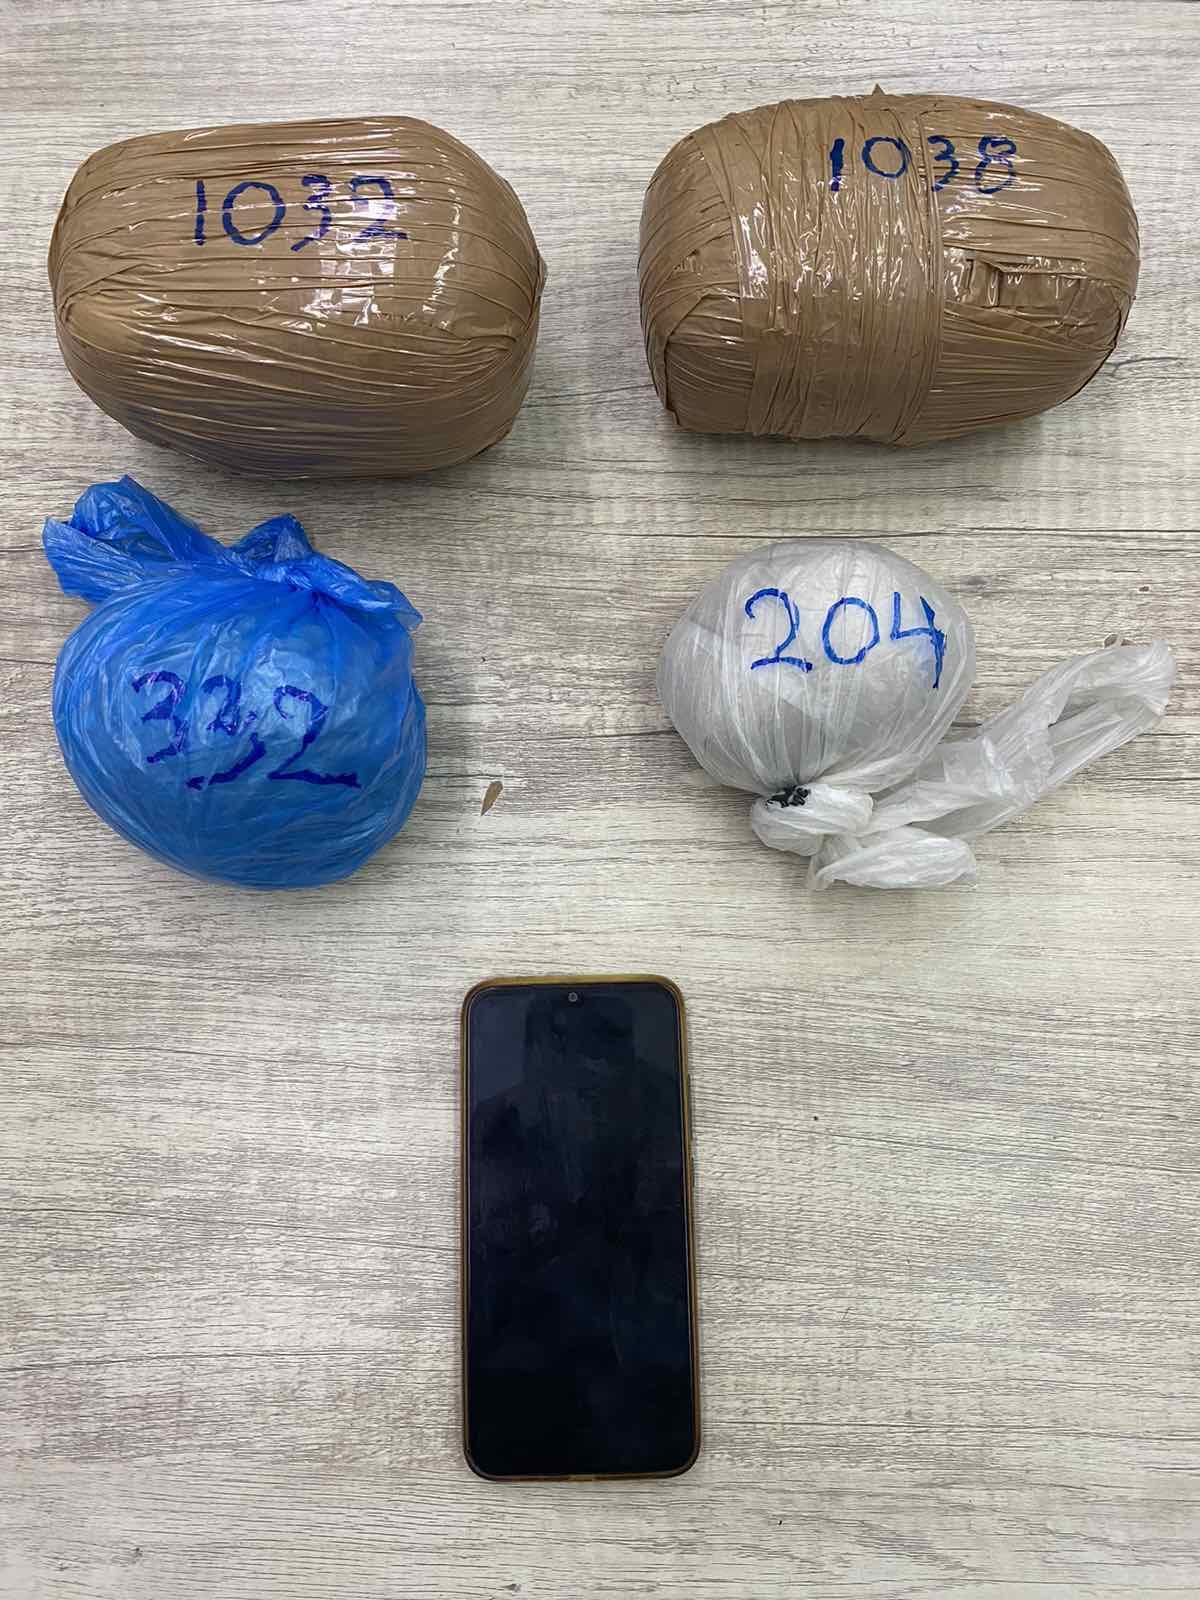 30-6-2021 Συνελήφθη άνδρας για διακίνηση ναρκωτικών σε Πάτρα και Αιτωλοακαρνανία (2)